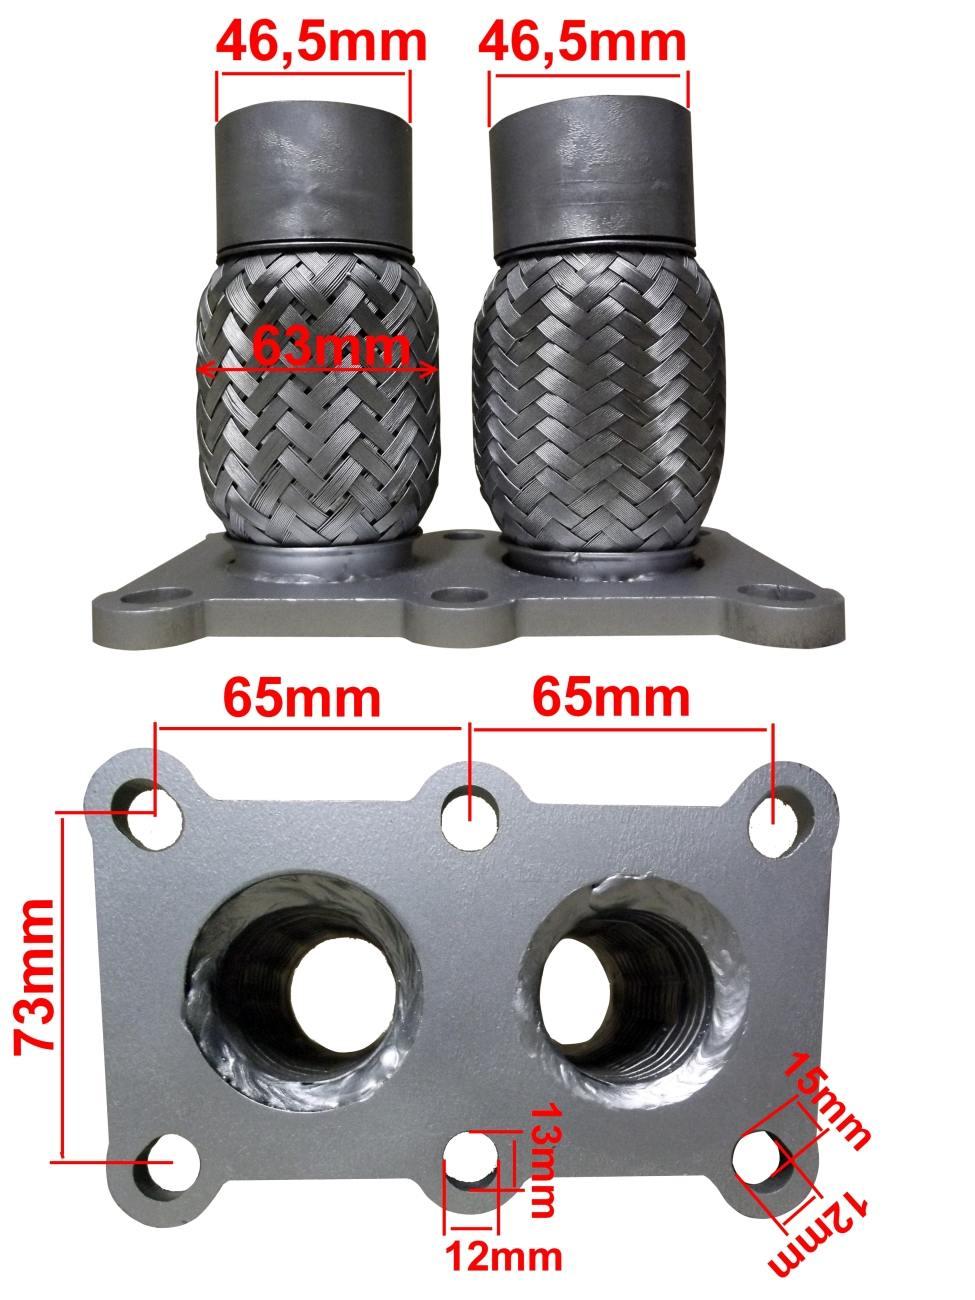 Pružný díl vlnovec škoda octavia 1 4i 1 6i 1 8i